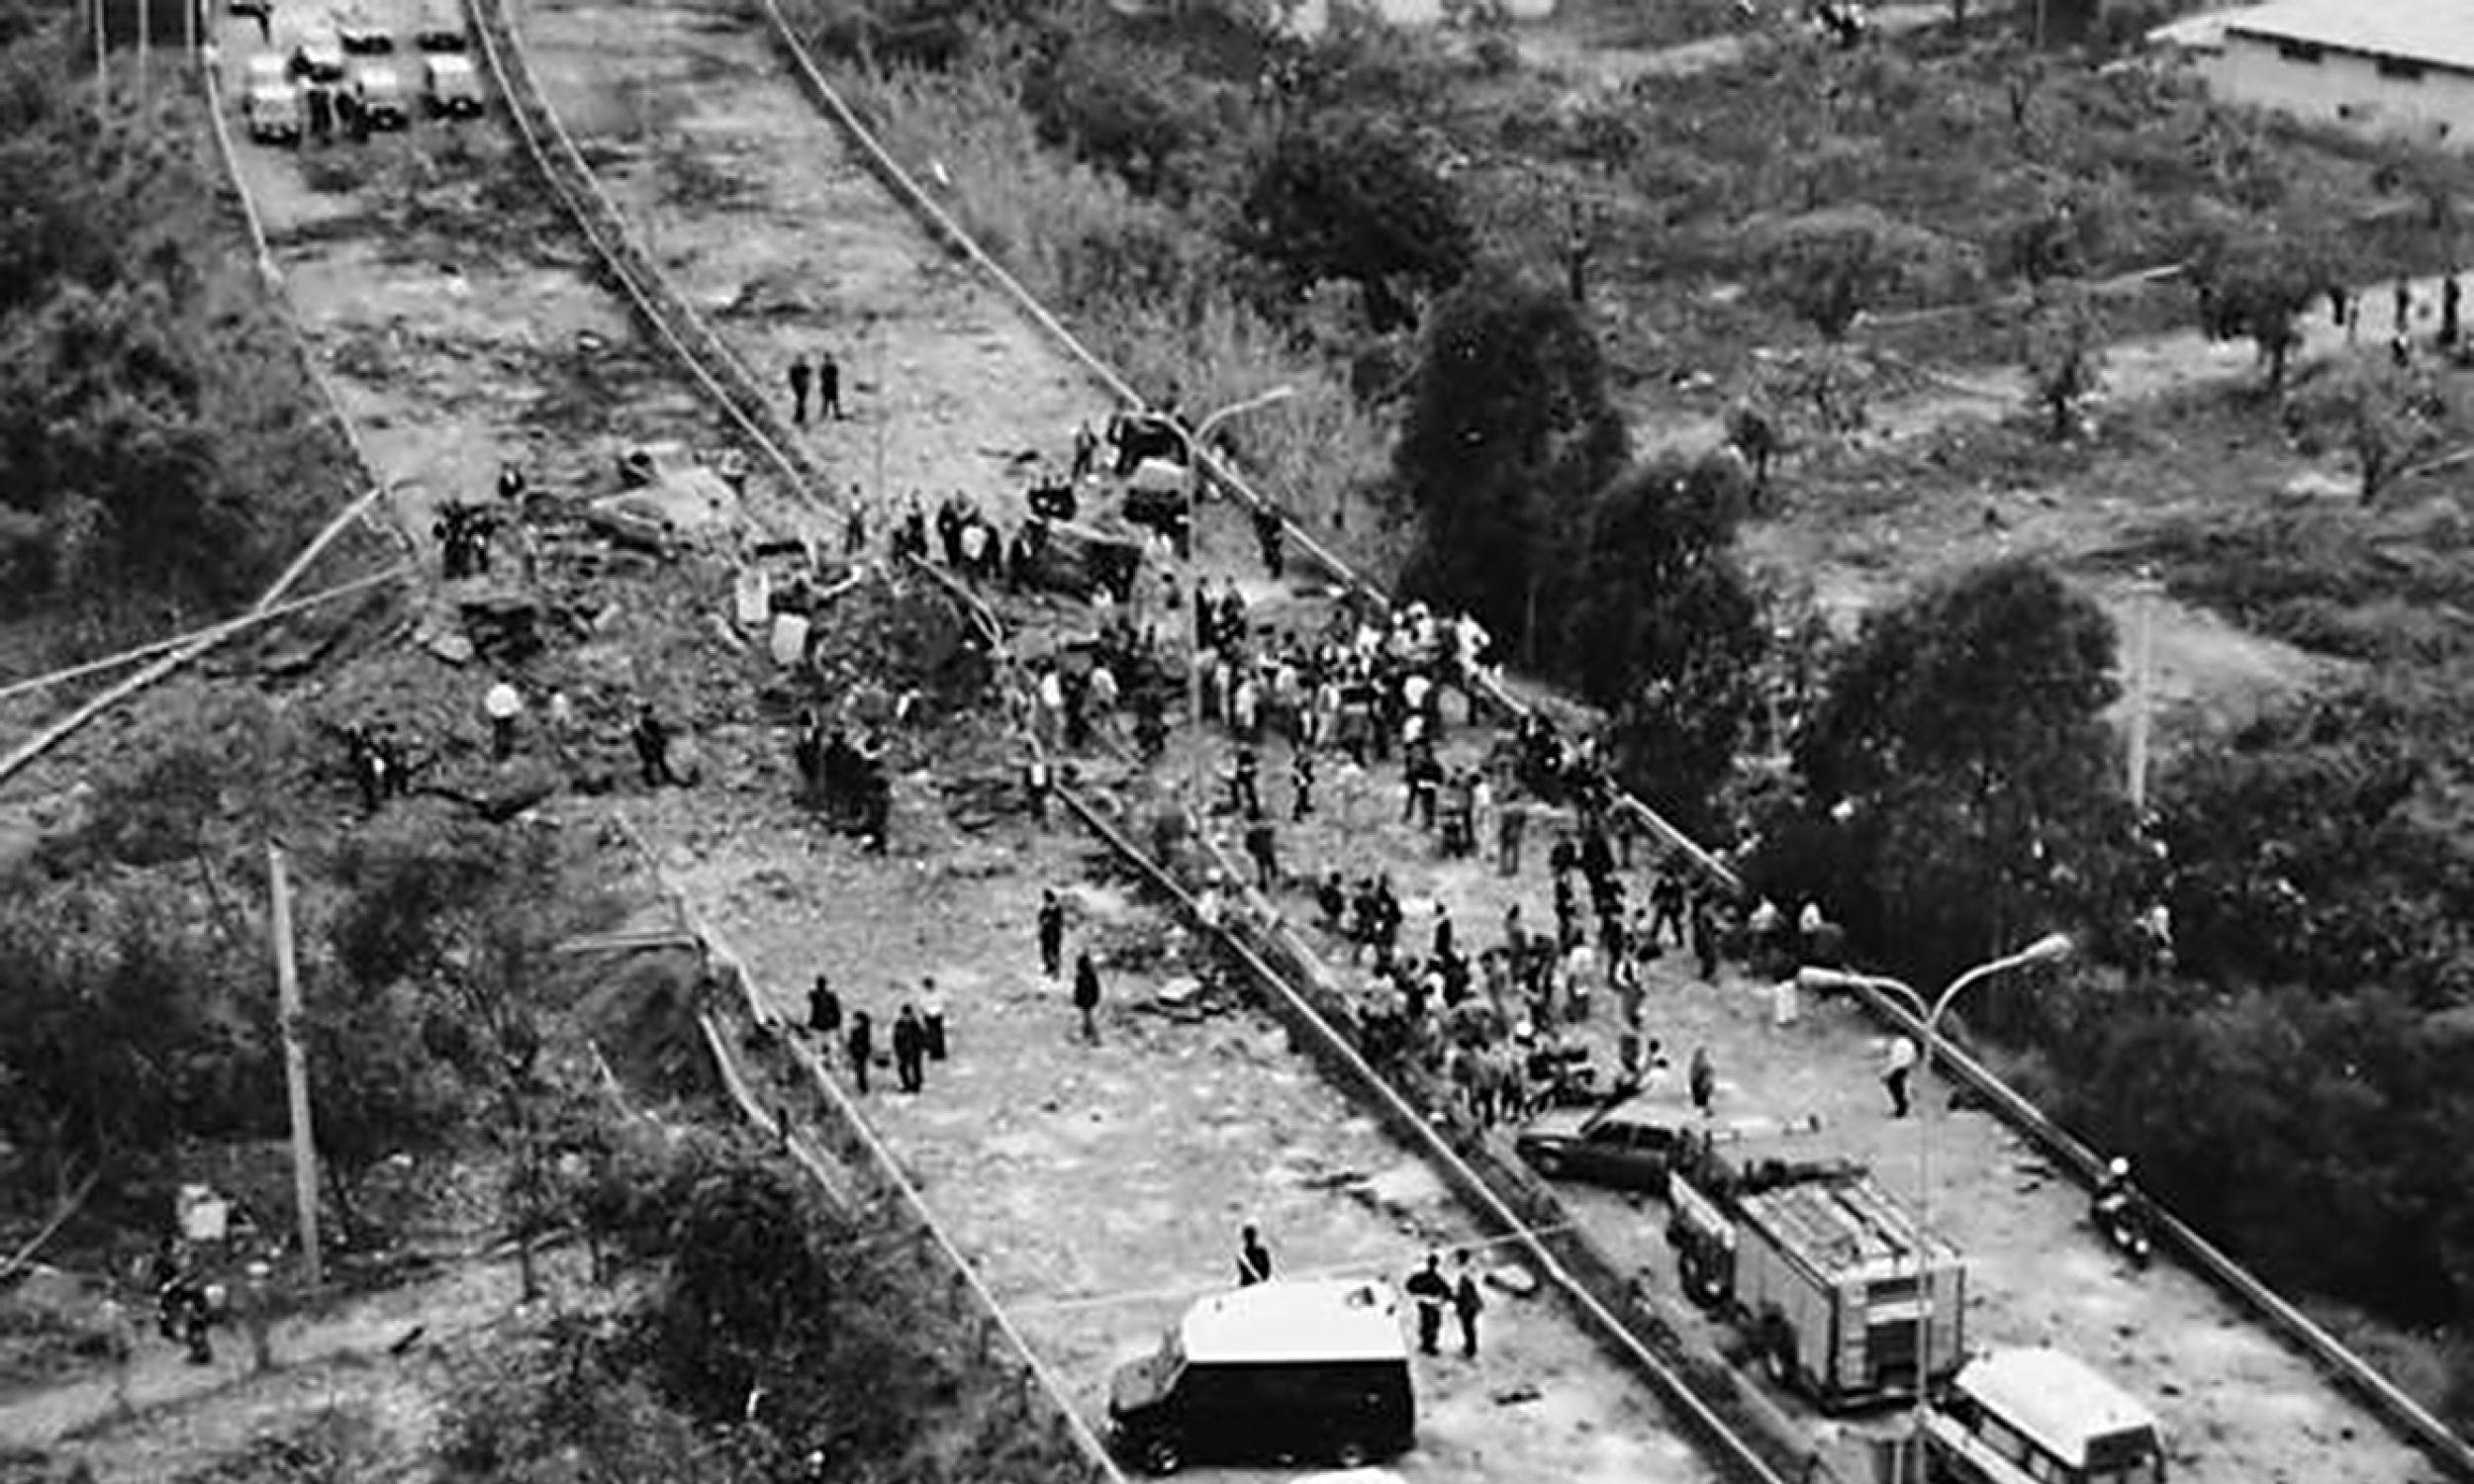 Zamach dokonany przez sycylijską mafię 23 maja 1992 na autostradzie A29. Fot. Mat. wydawnictwa